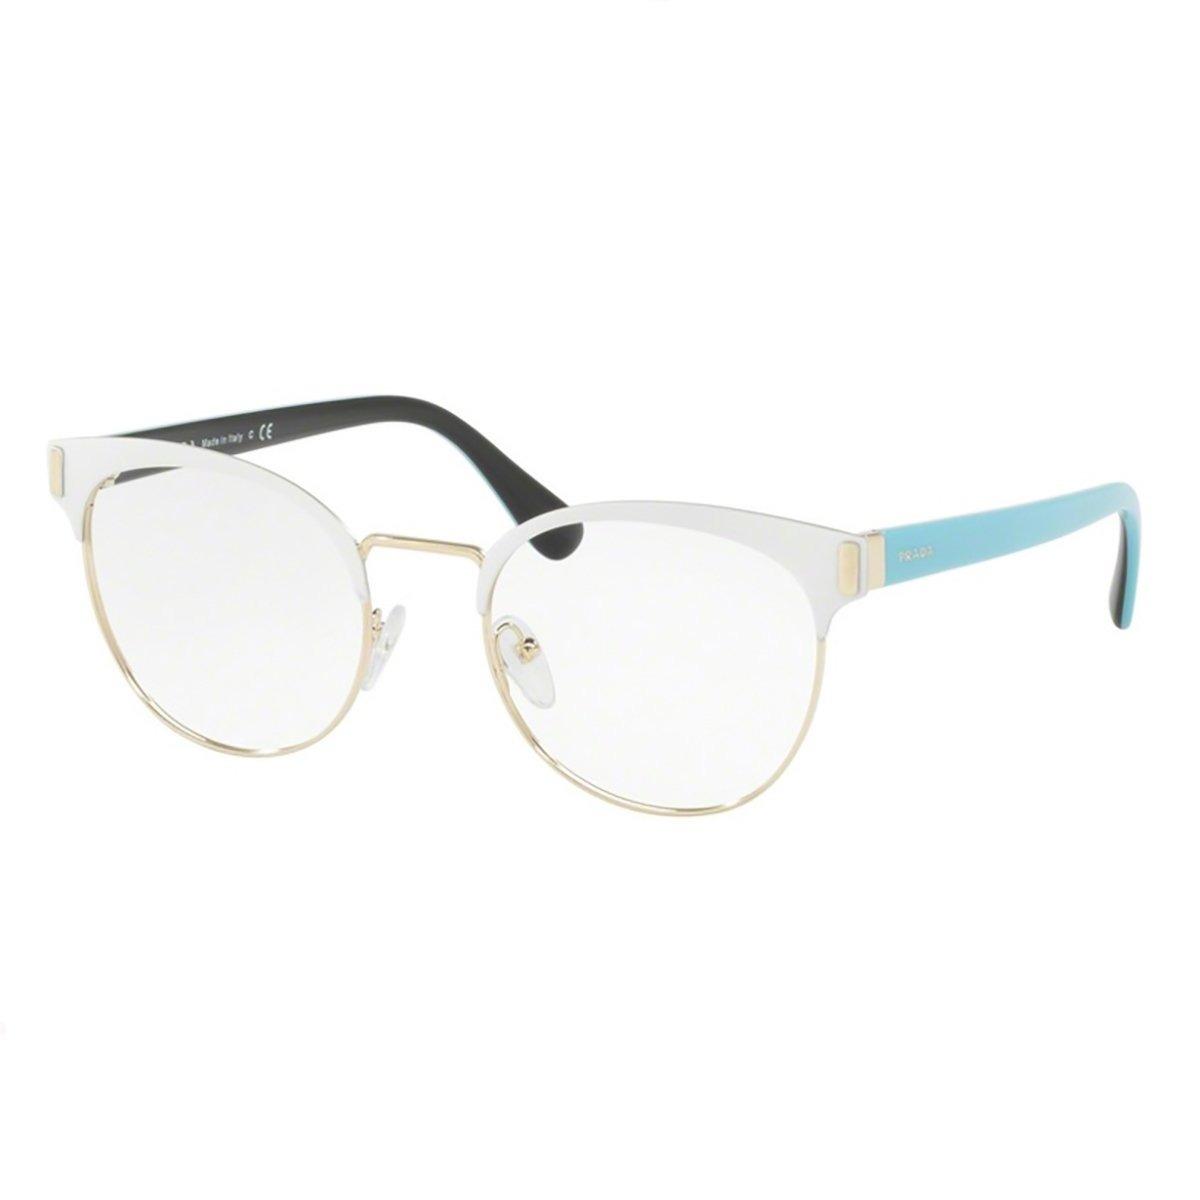 Óculos De Grau Prada   Cor  Vpr63t Vic-1o1 Vpr63t Vic-1o1 - R  910 ... b263e236e4